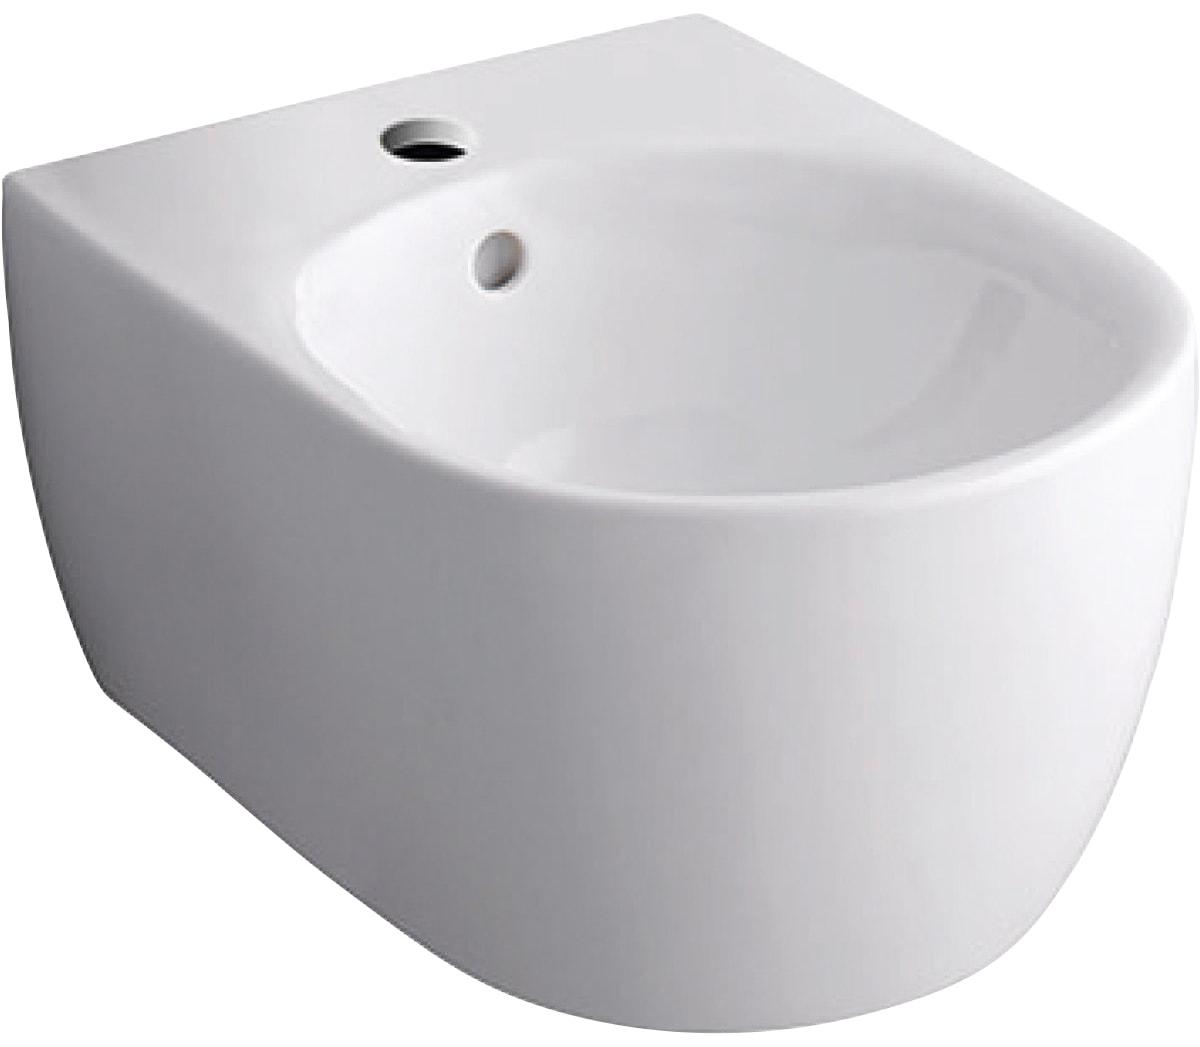 GEBERIT Bidet iCon, mit Überlauf, KeraTect weiß Bidets Bad Sanitär